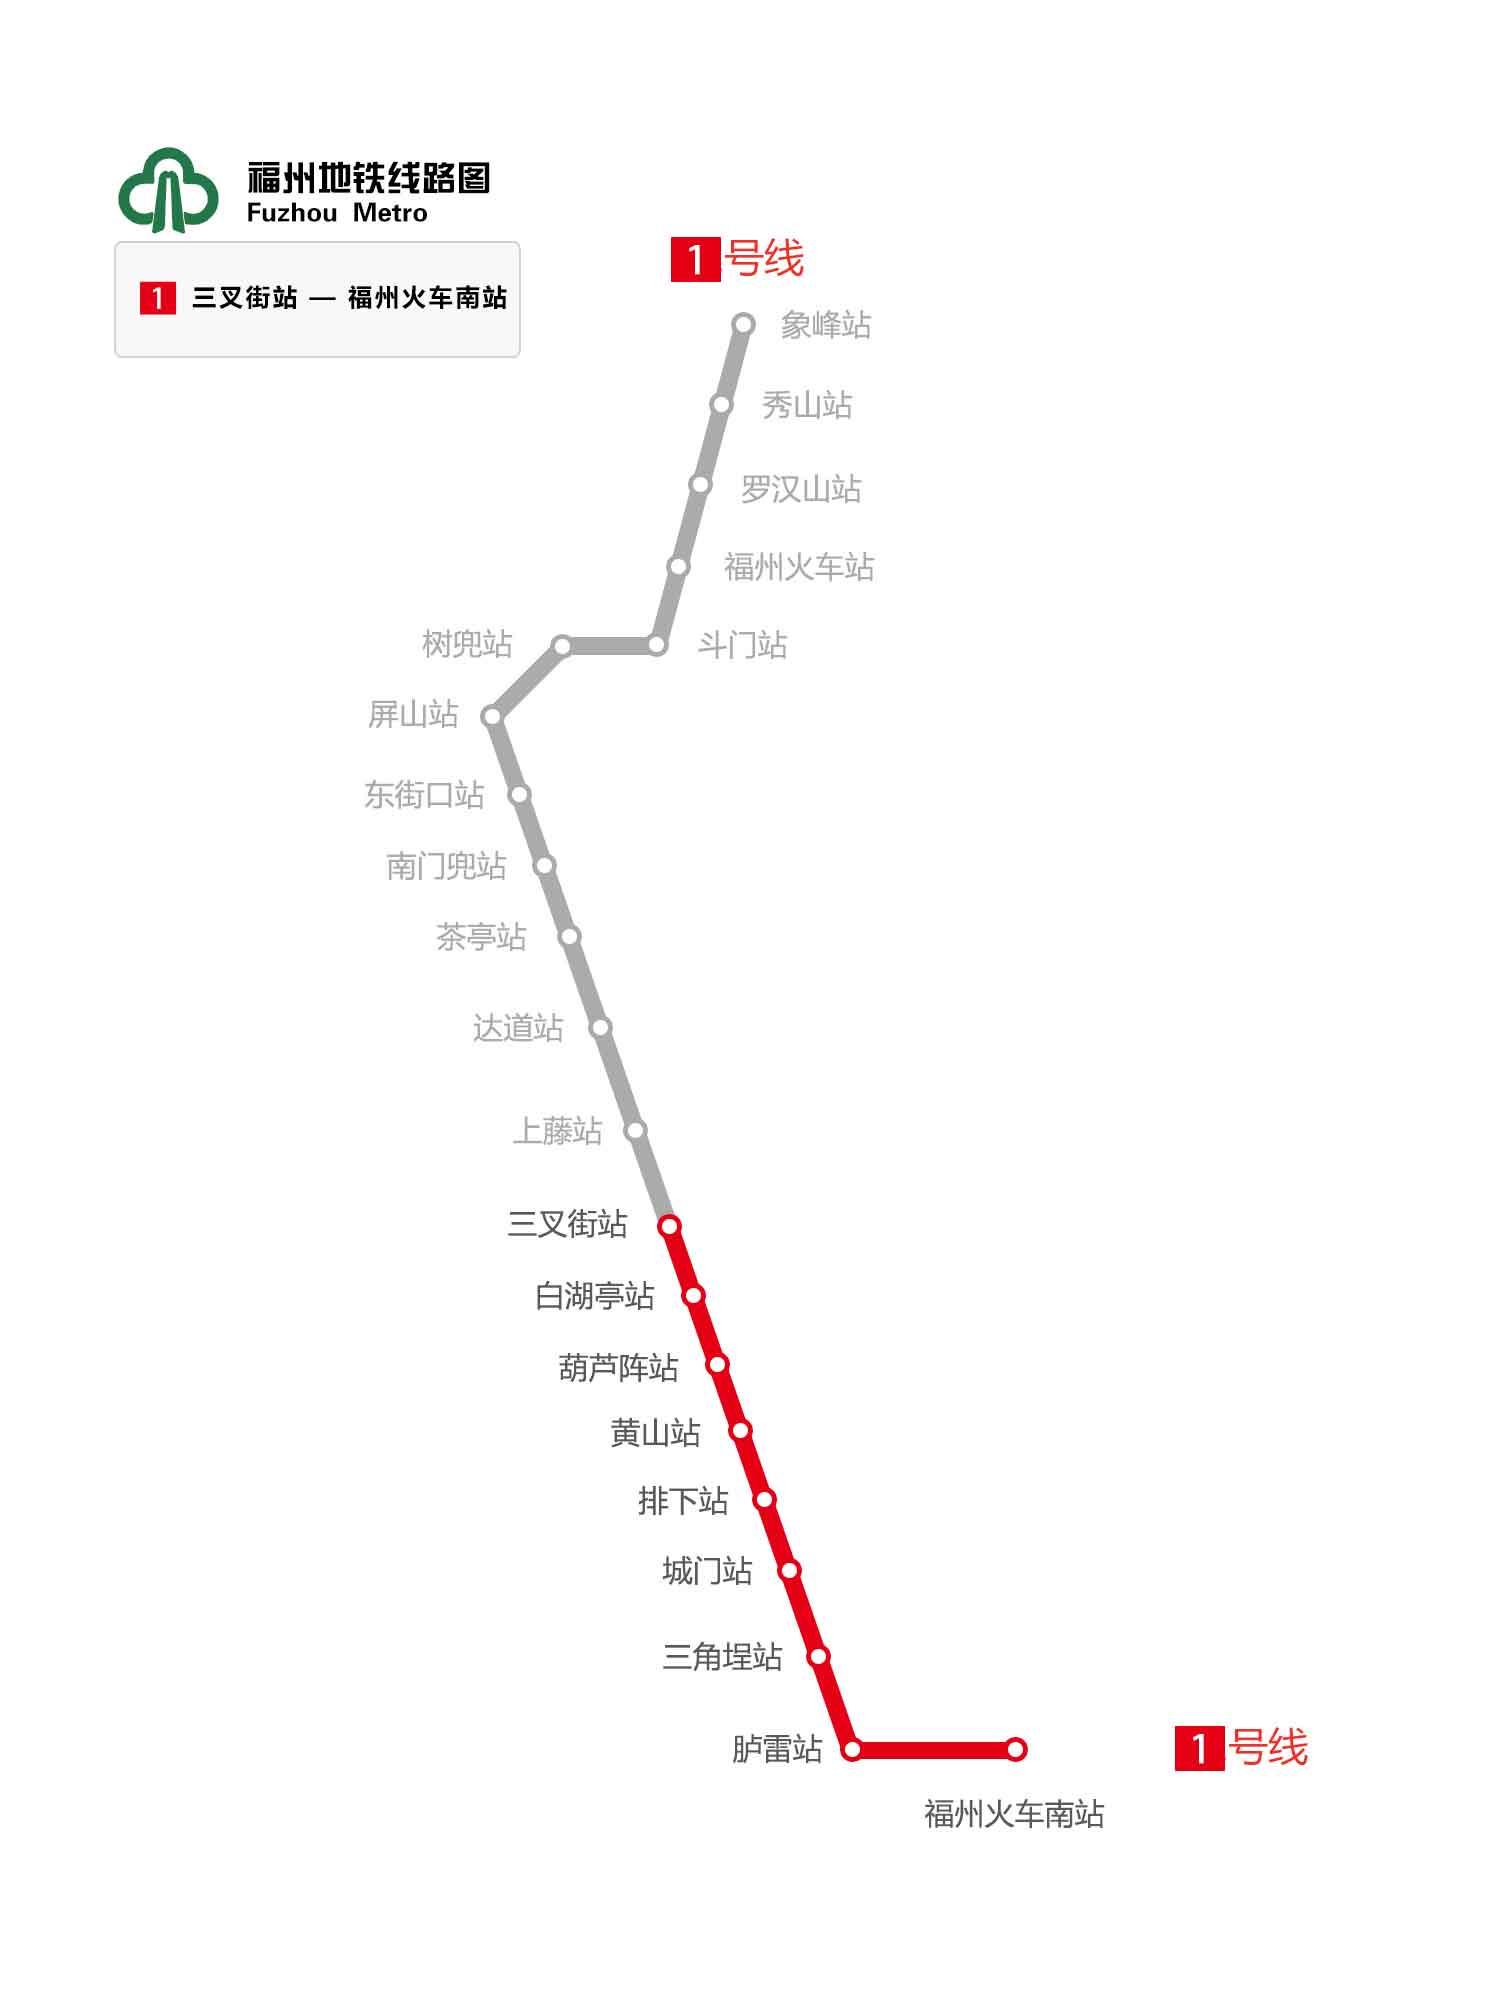 福州地铁线路图_运营时间票价站点_查询下载 福州地铁线路图